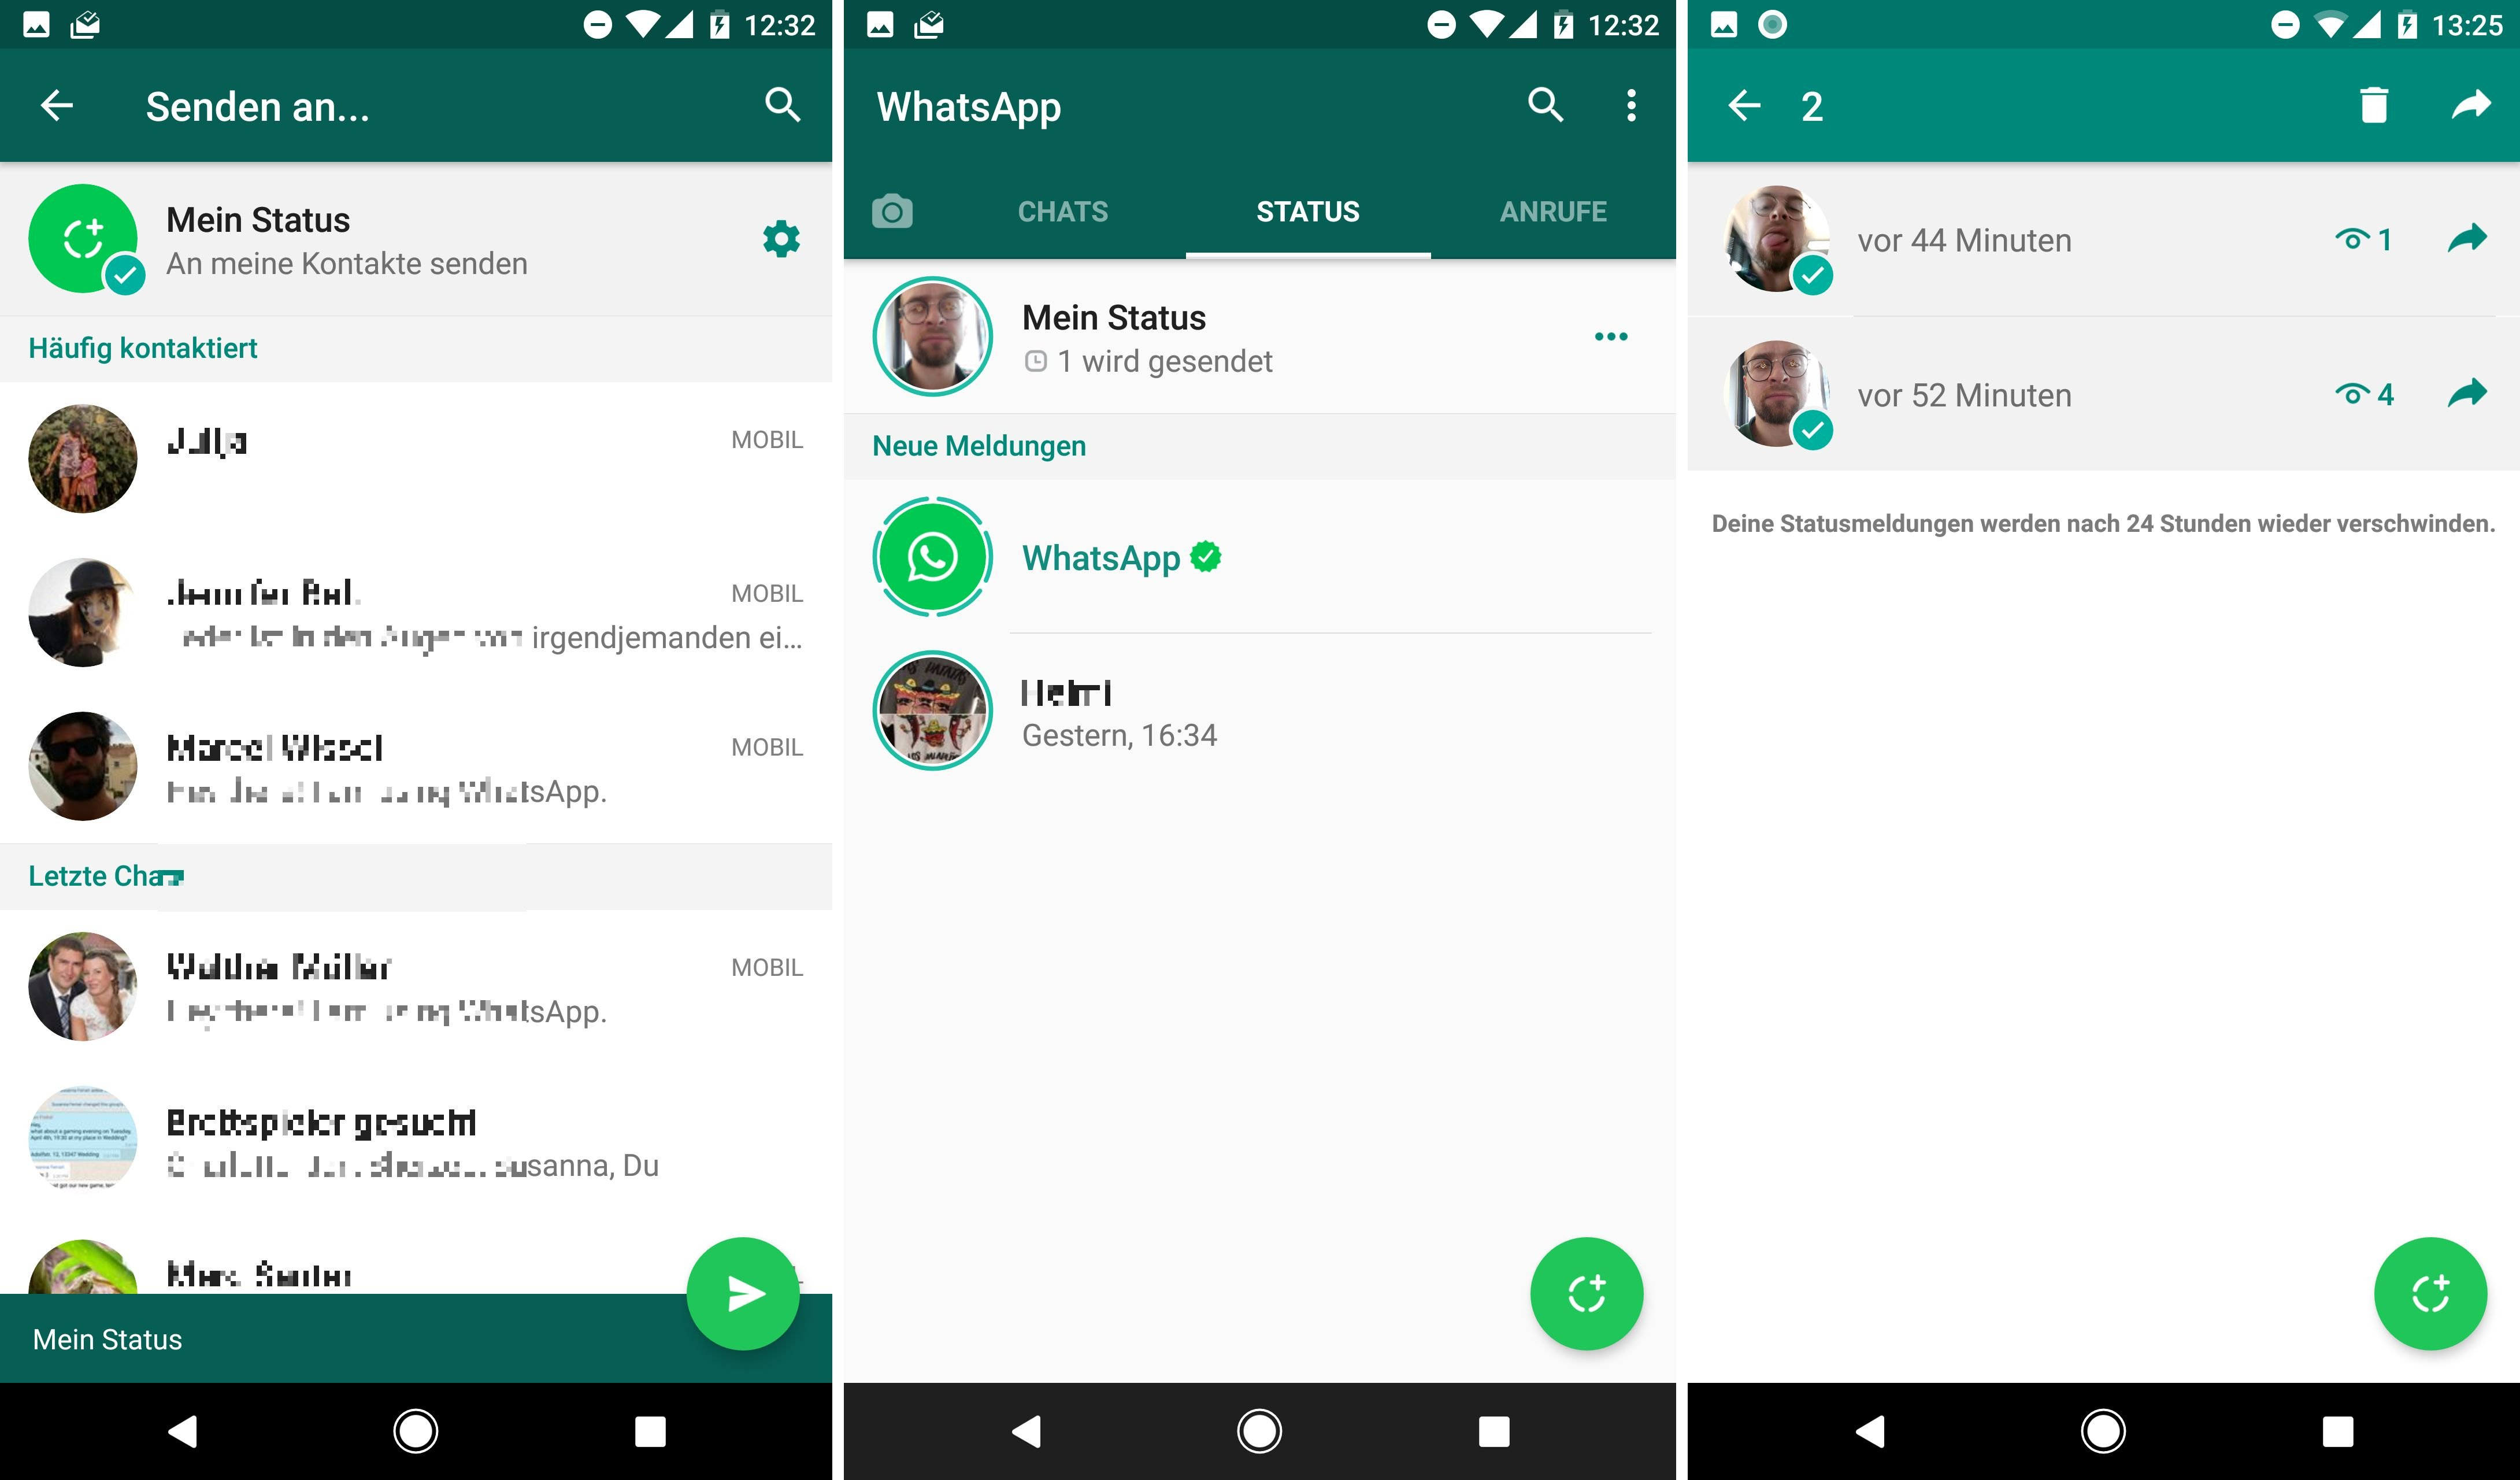 Whatsapp kontaktbild nicht sichtbar